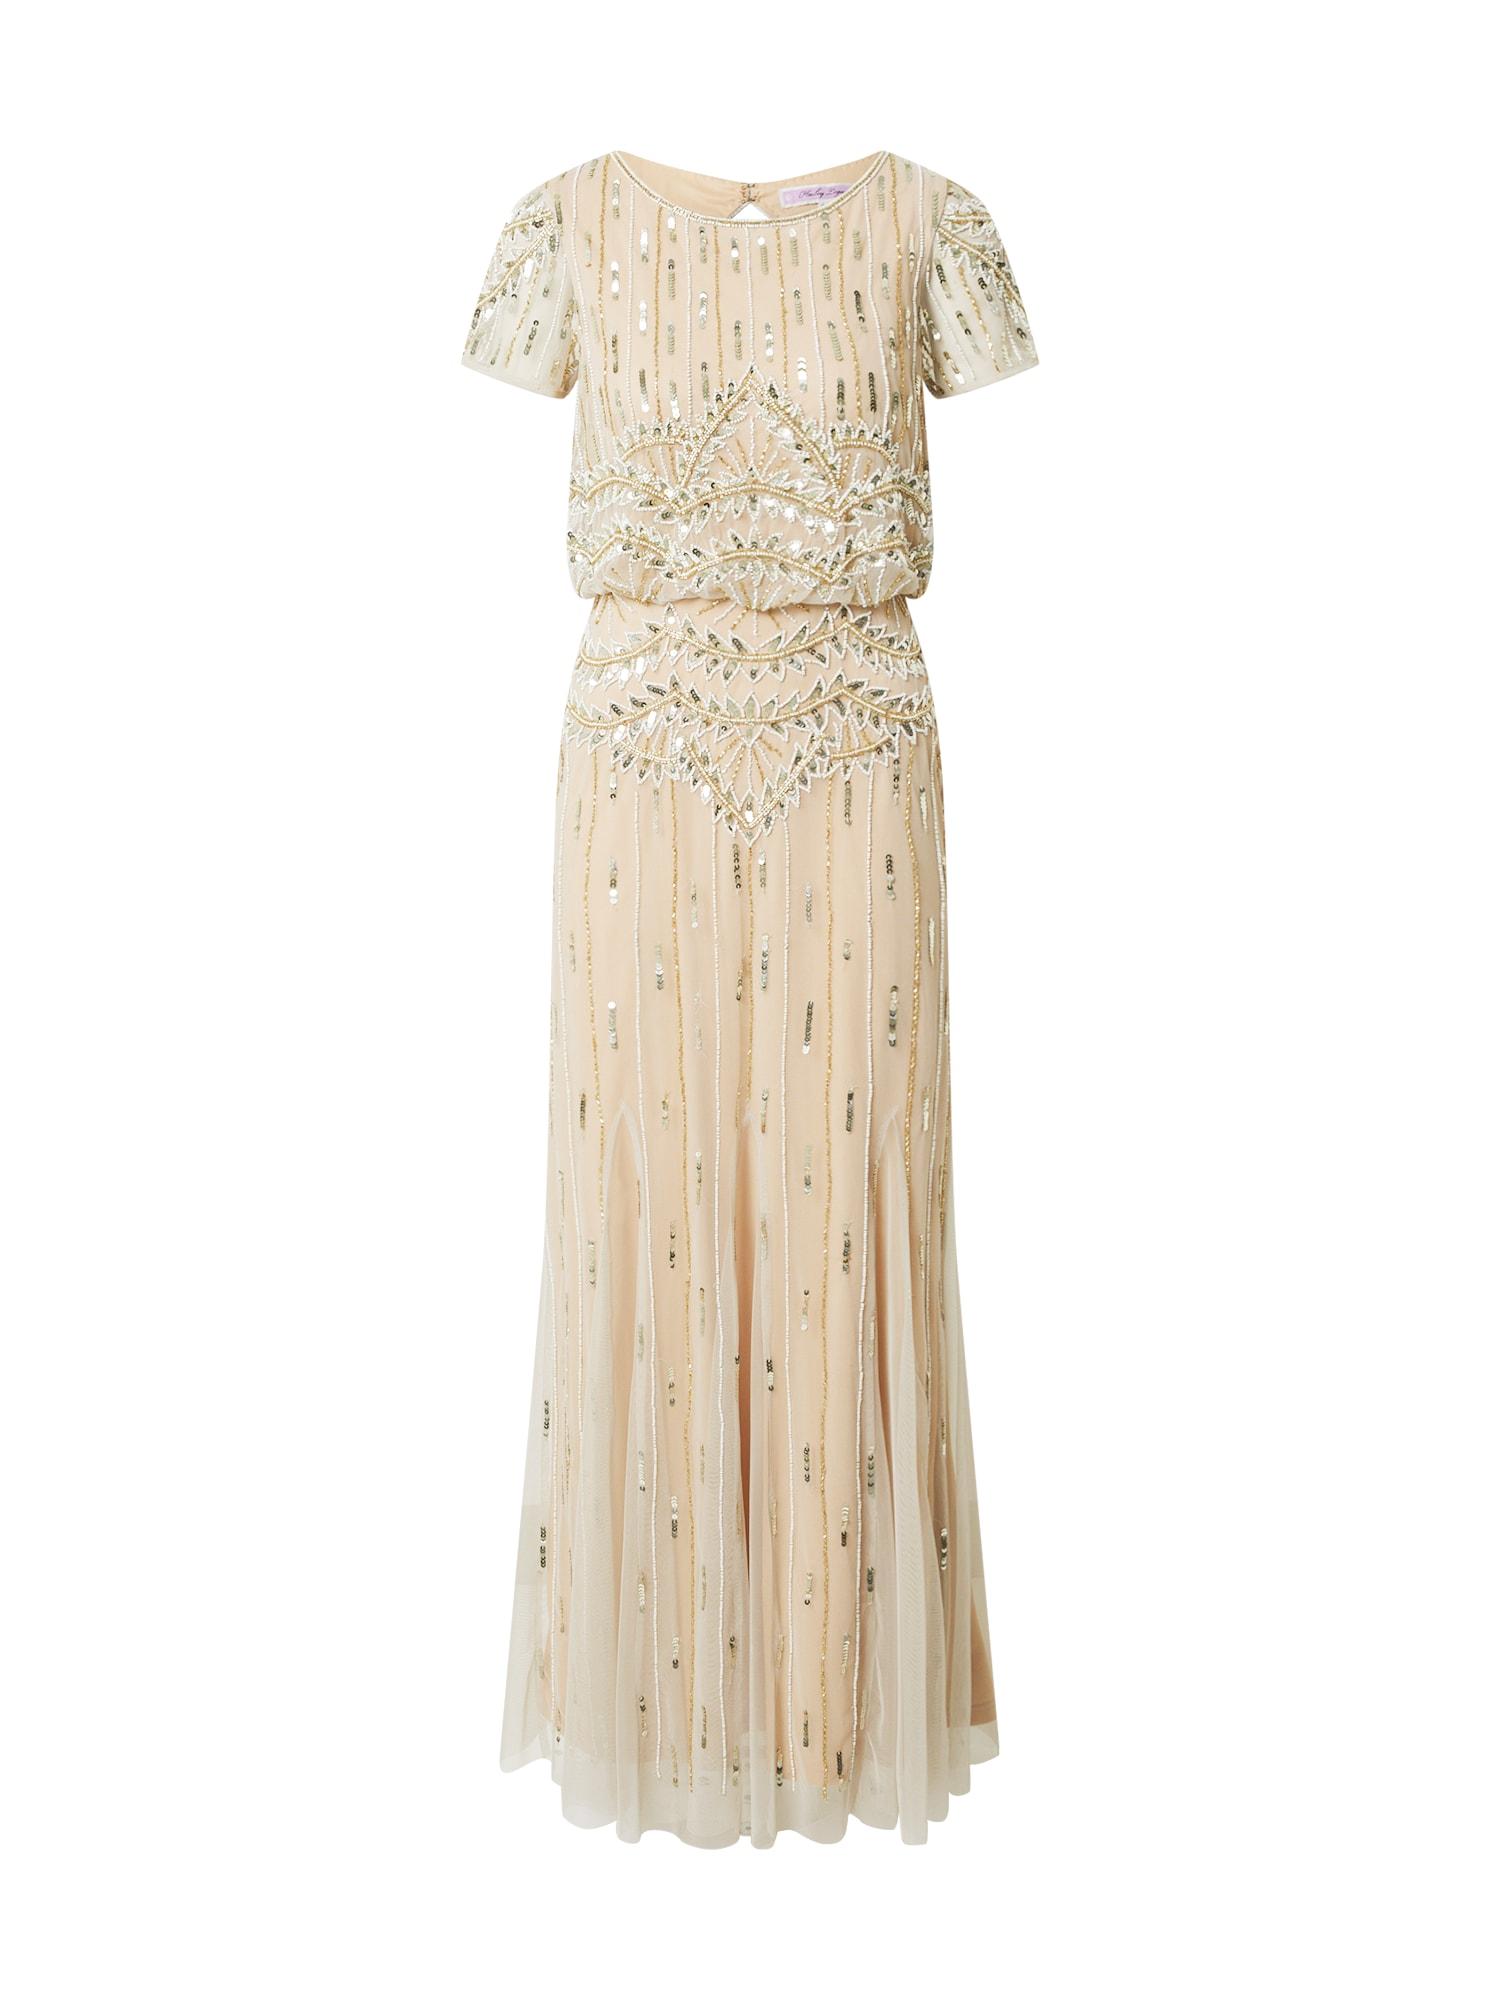 Hailey Logan Suknelė sidabrinė / kūno spalva